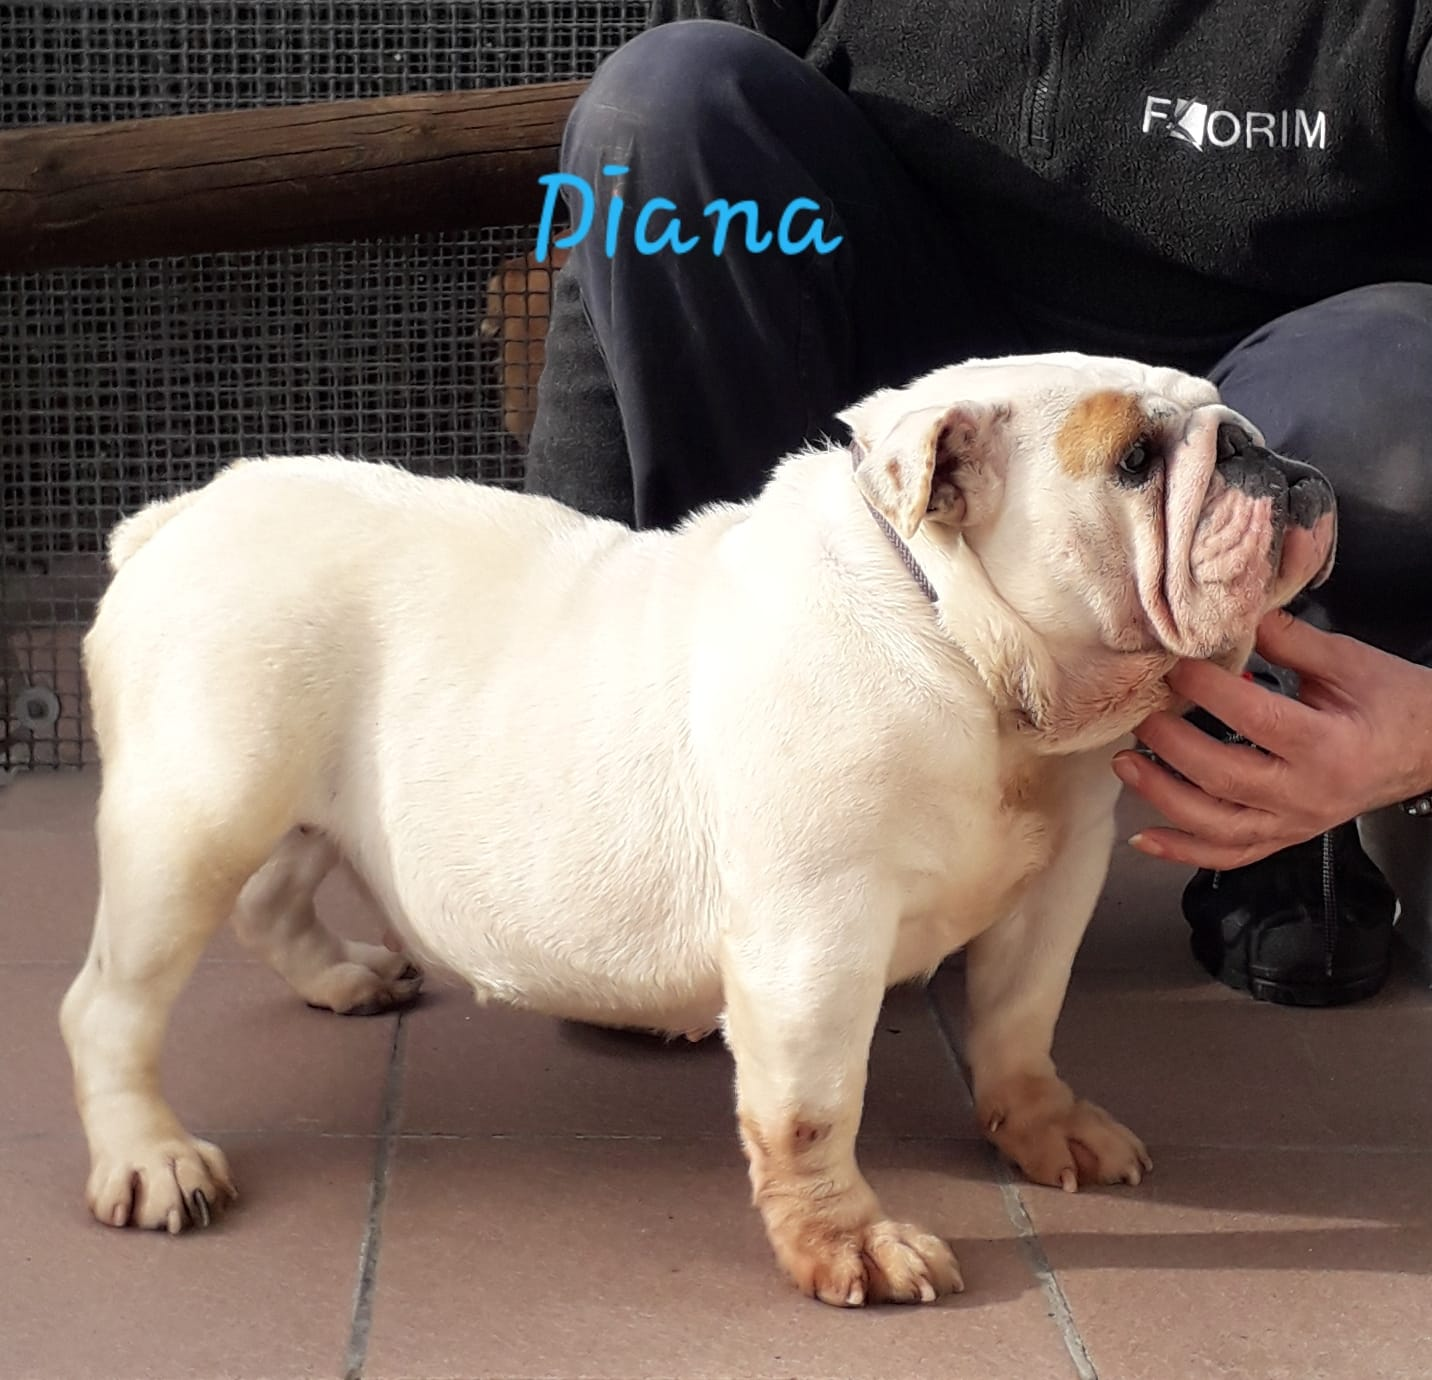 Diana di mantovanelli nato il: 25/08/2017 colore bianco